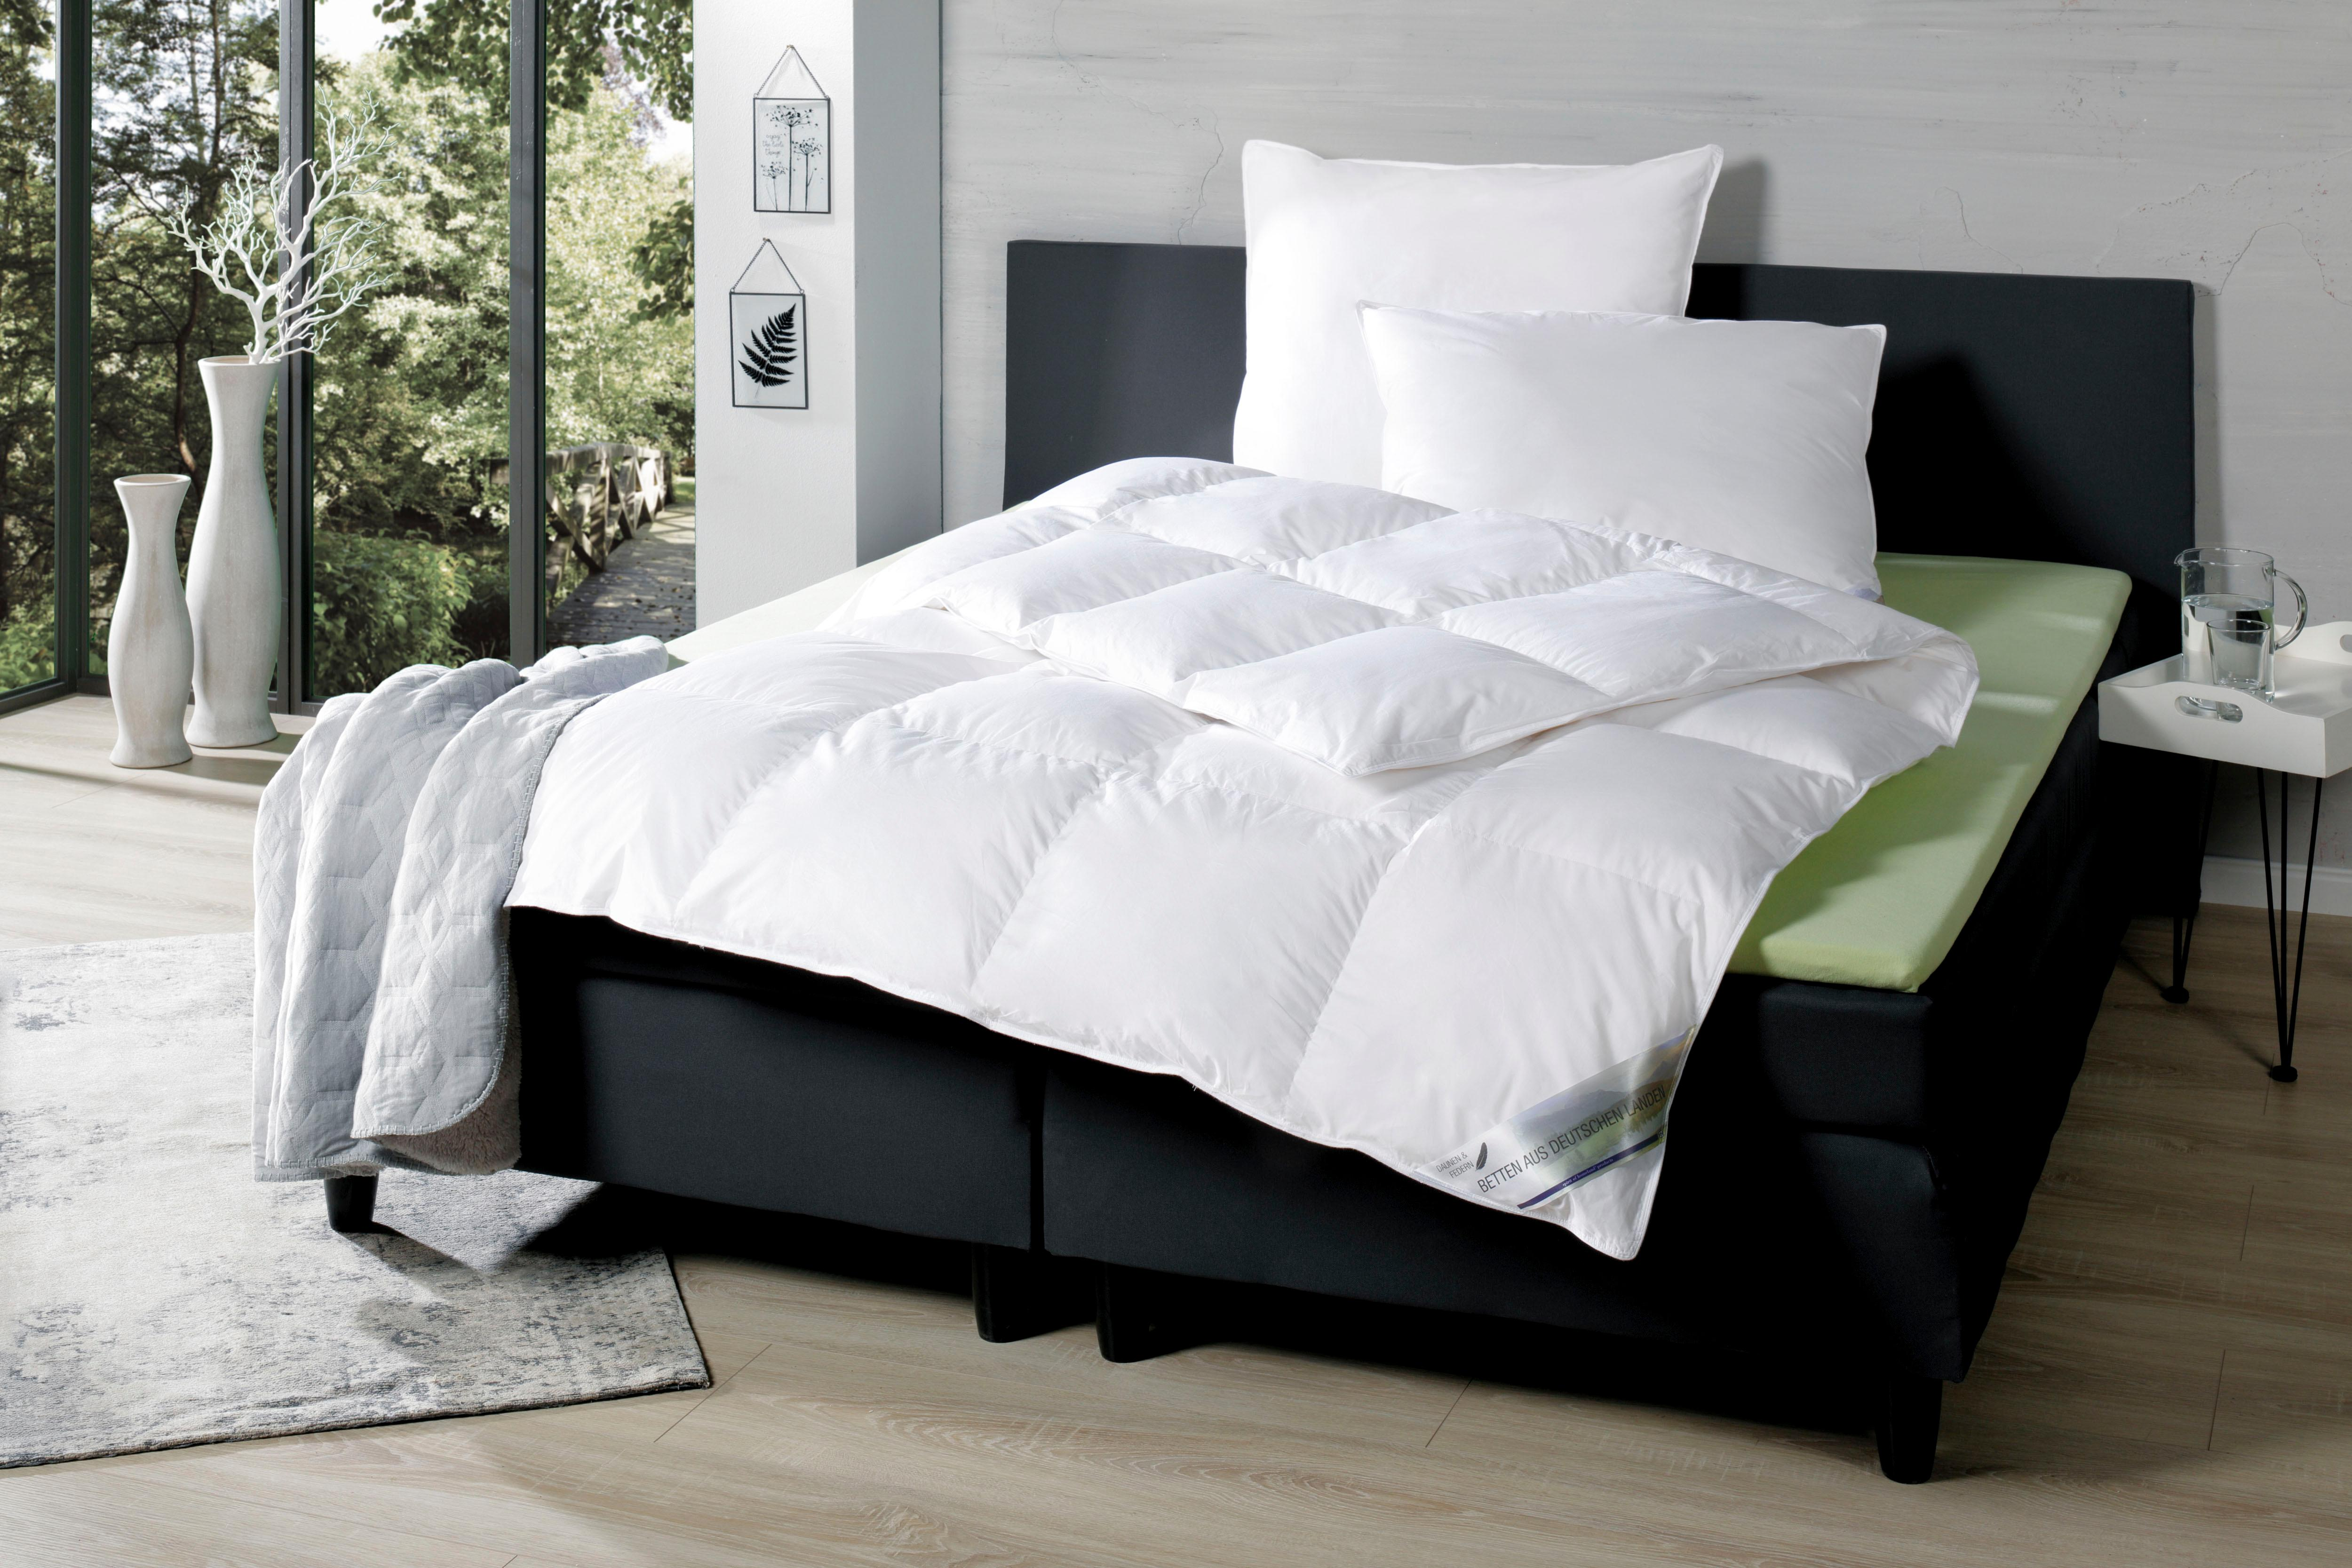 Daunenbettdecke Betten aus Deutschen Landen KBT Bettwaren warm Füllung: 90% Daunen 10% Federn Bezug: 100% Baumwolle